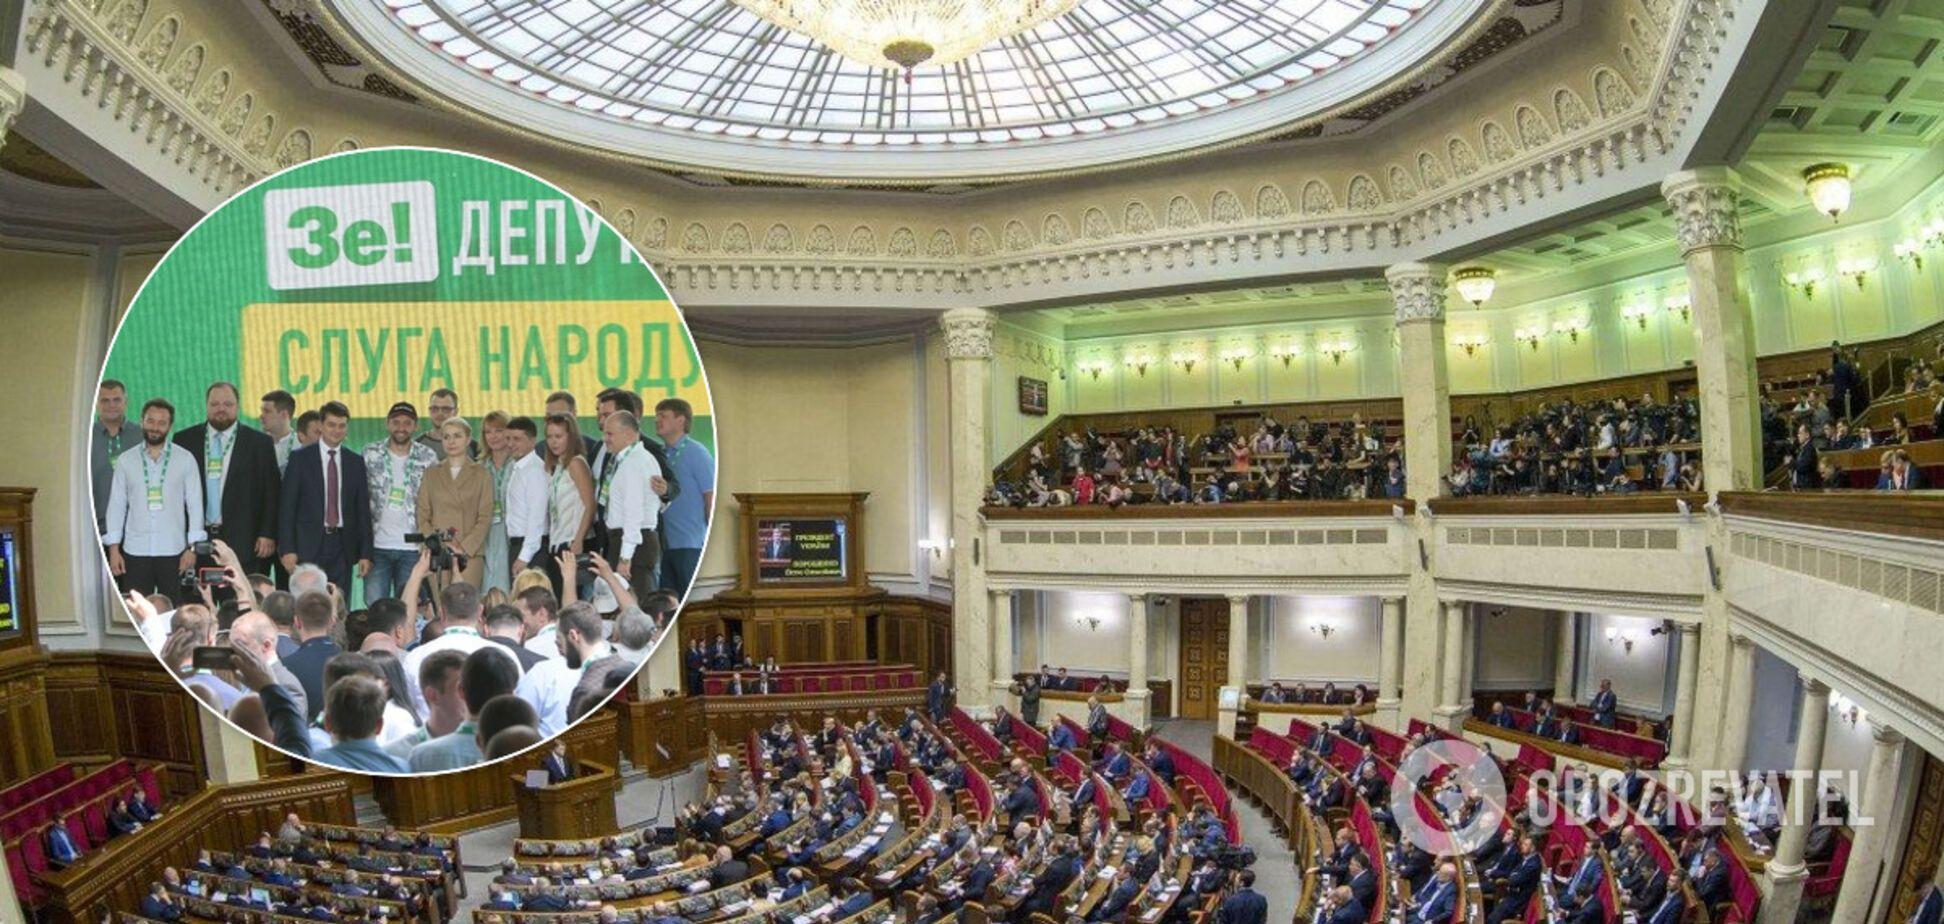 'Слугу народа' готовы поддержать почти 30% украинцев